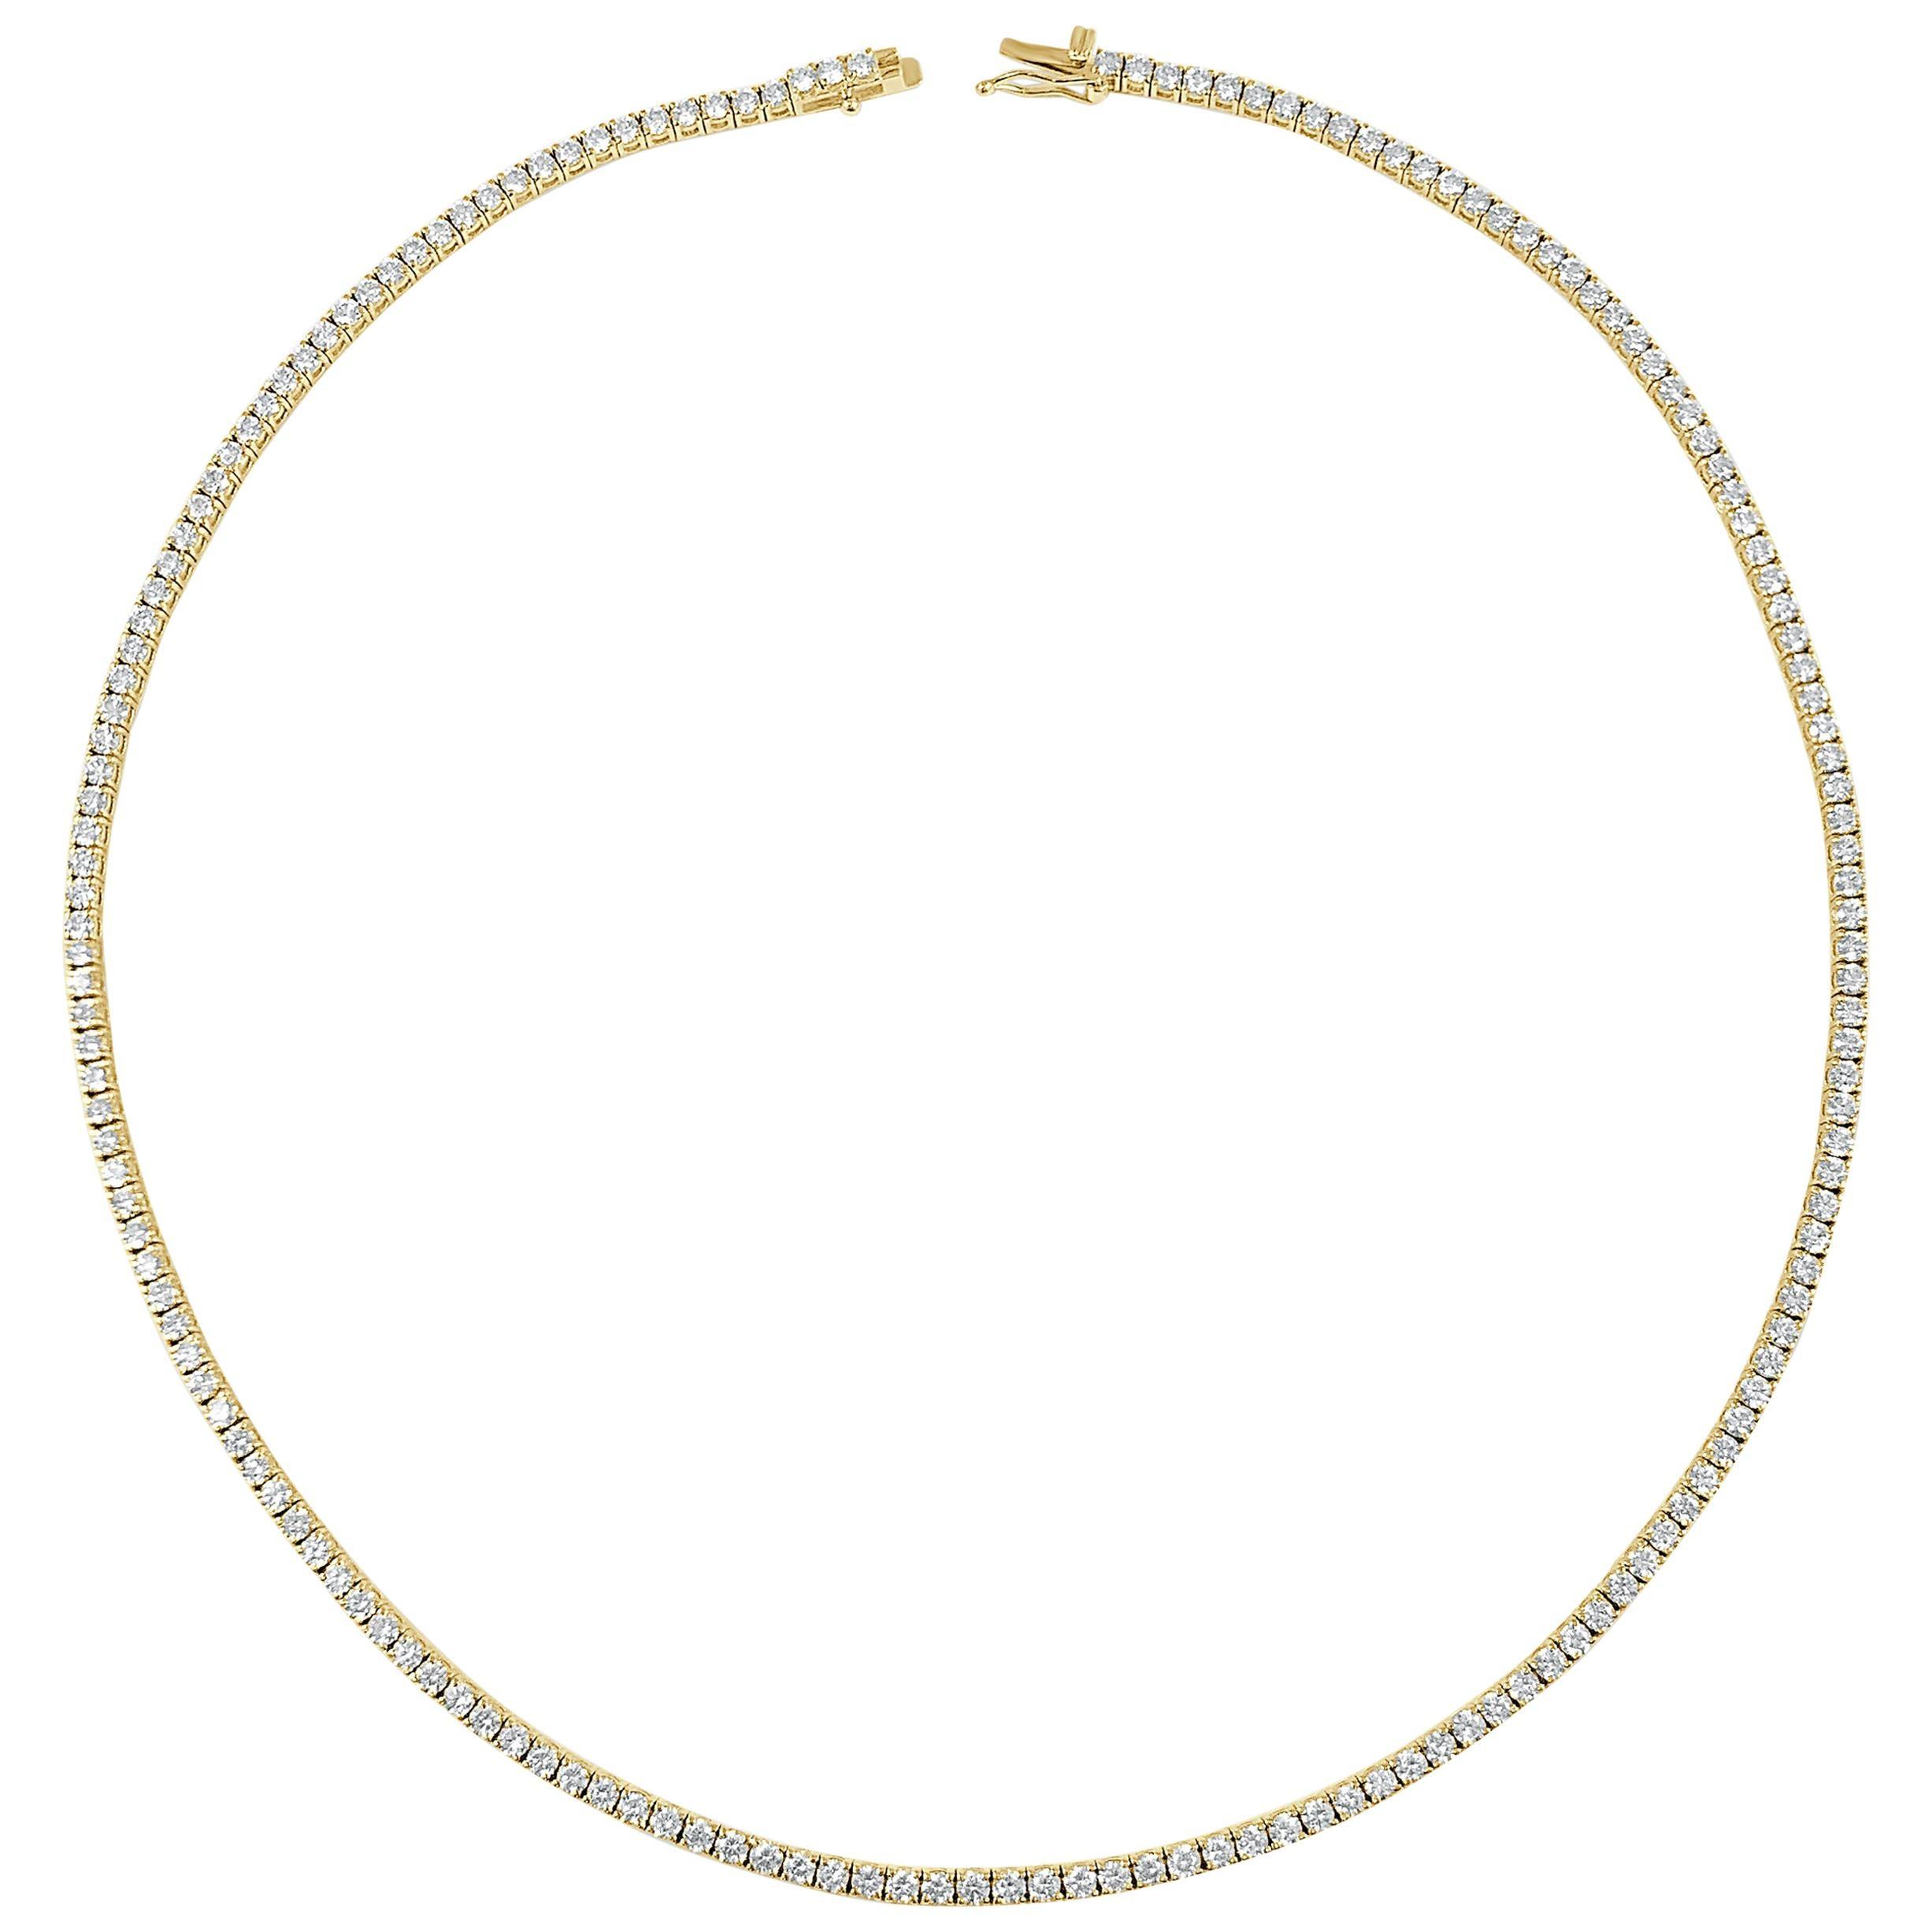 14 Karat Yellow Gold 7.76 Carat Diamond Tennis Necklace